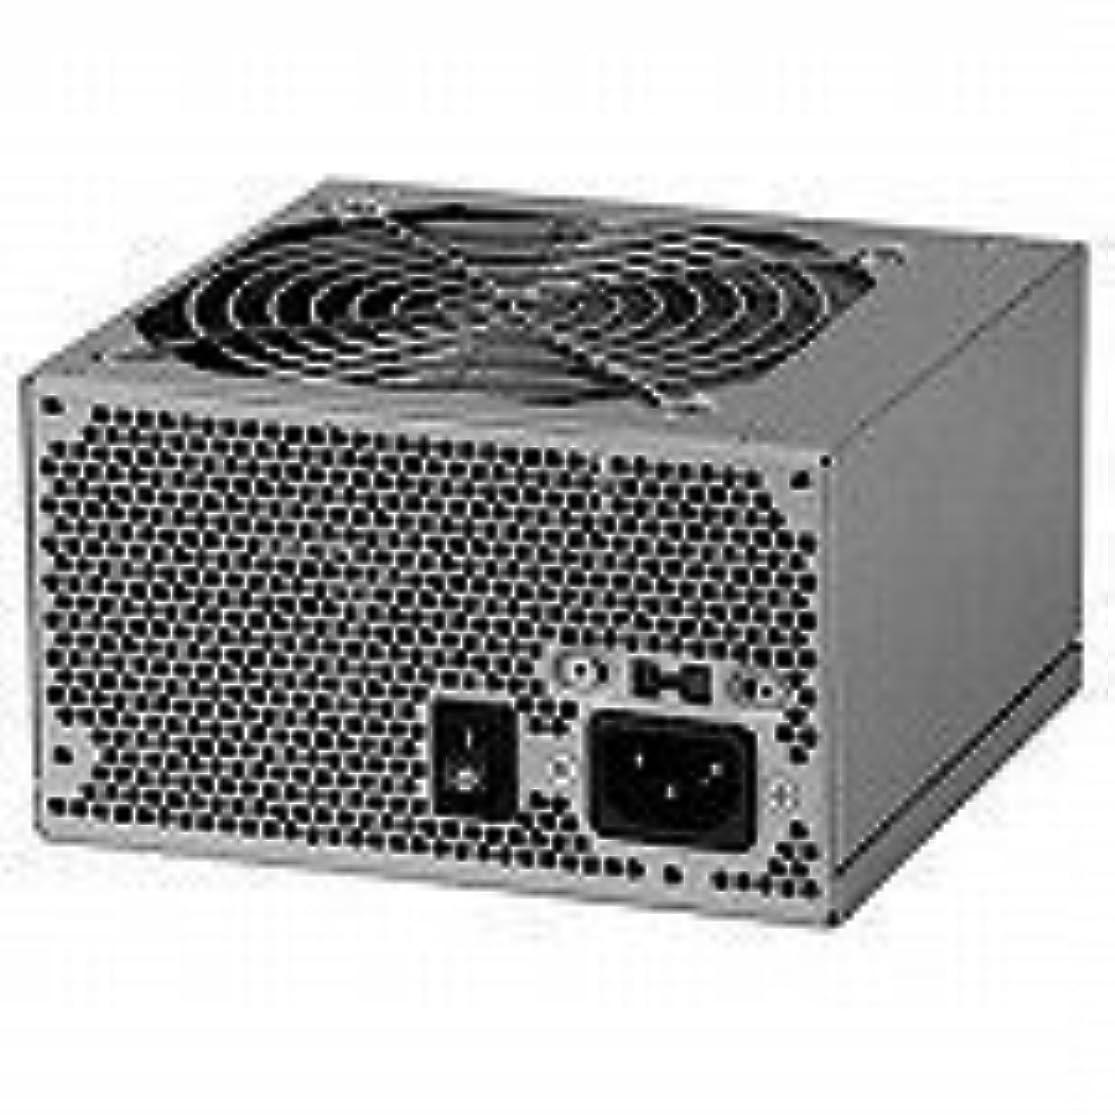 スラダムスラダムピアニスト玄人志向 ATX電源 オール105℃コンデンサ 最大出力560W KRPW-V560W